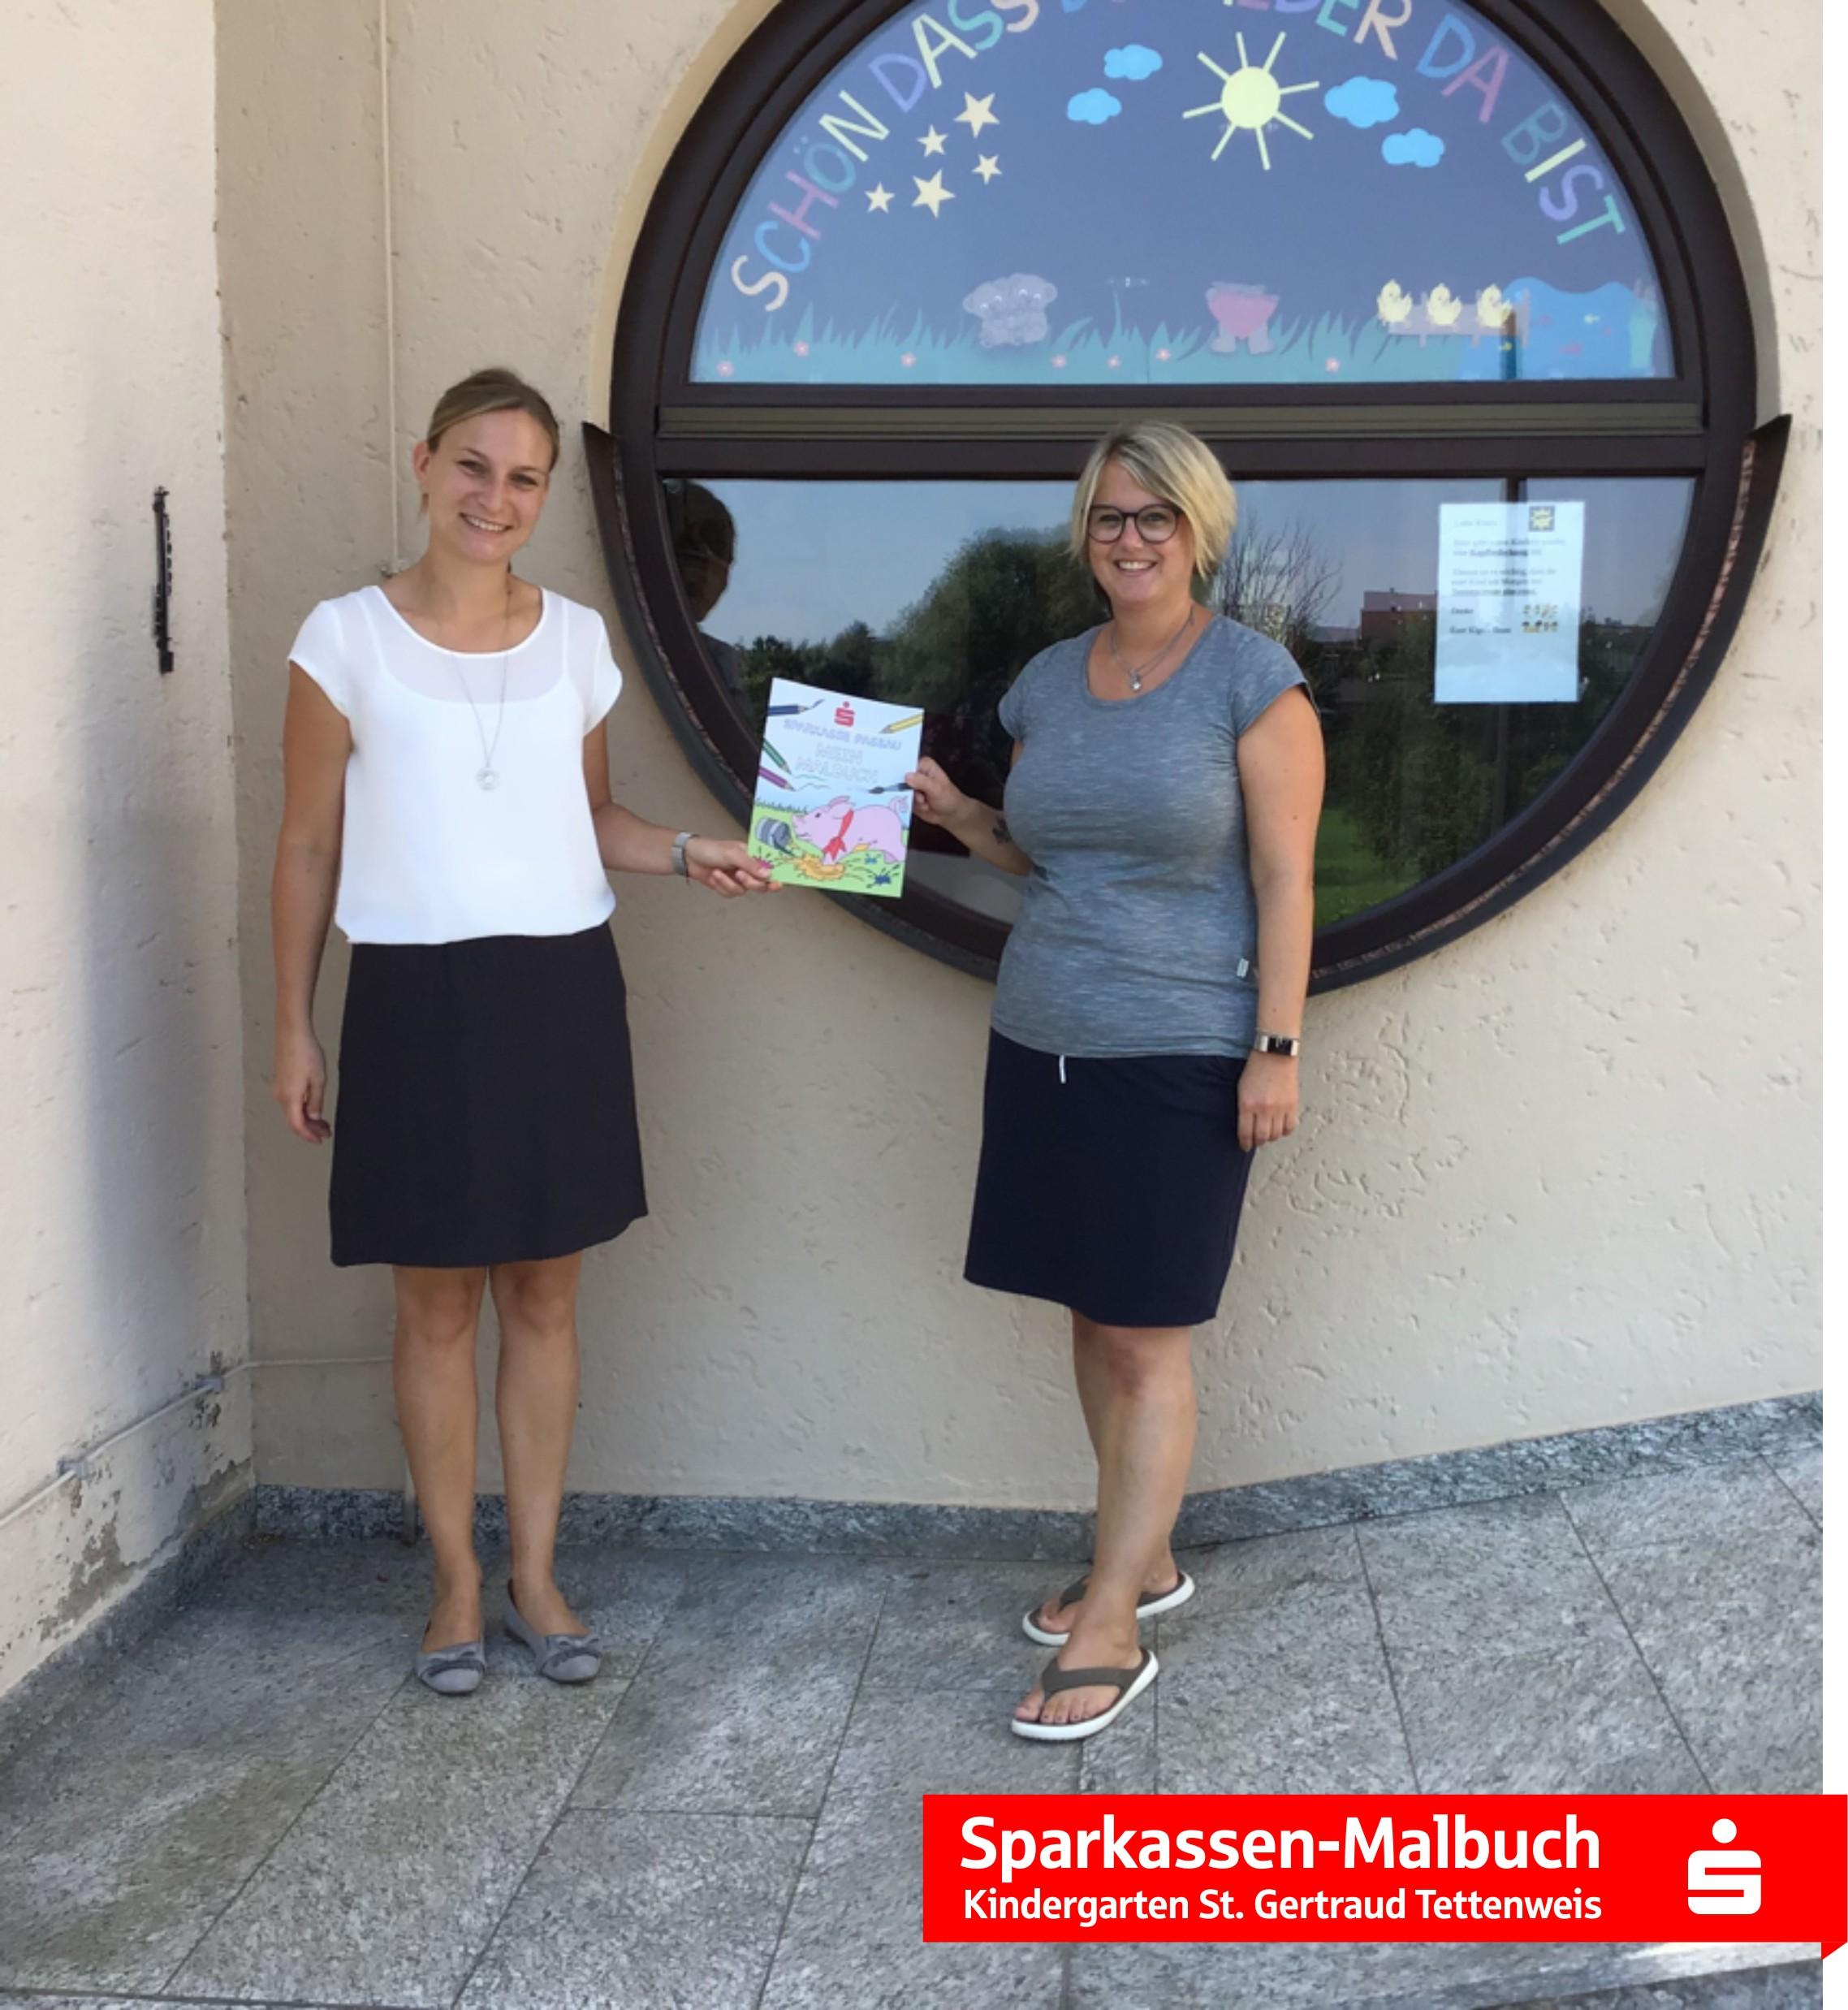 650_Pocking_Kindergarten-St.-Gertraud-Tettenweis